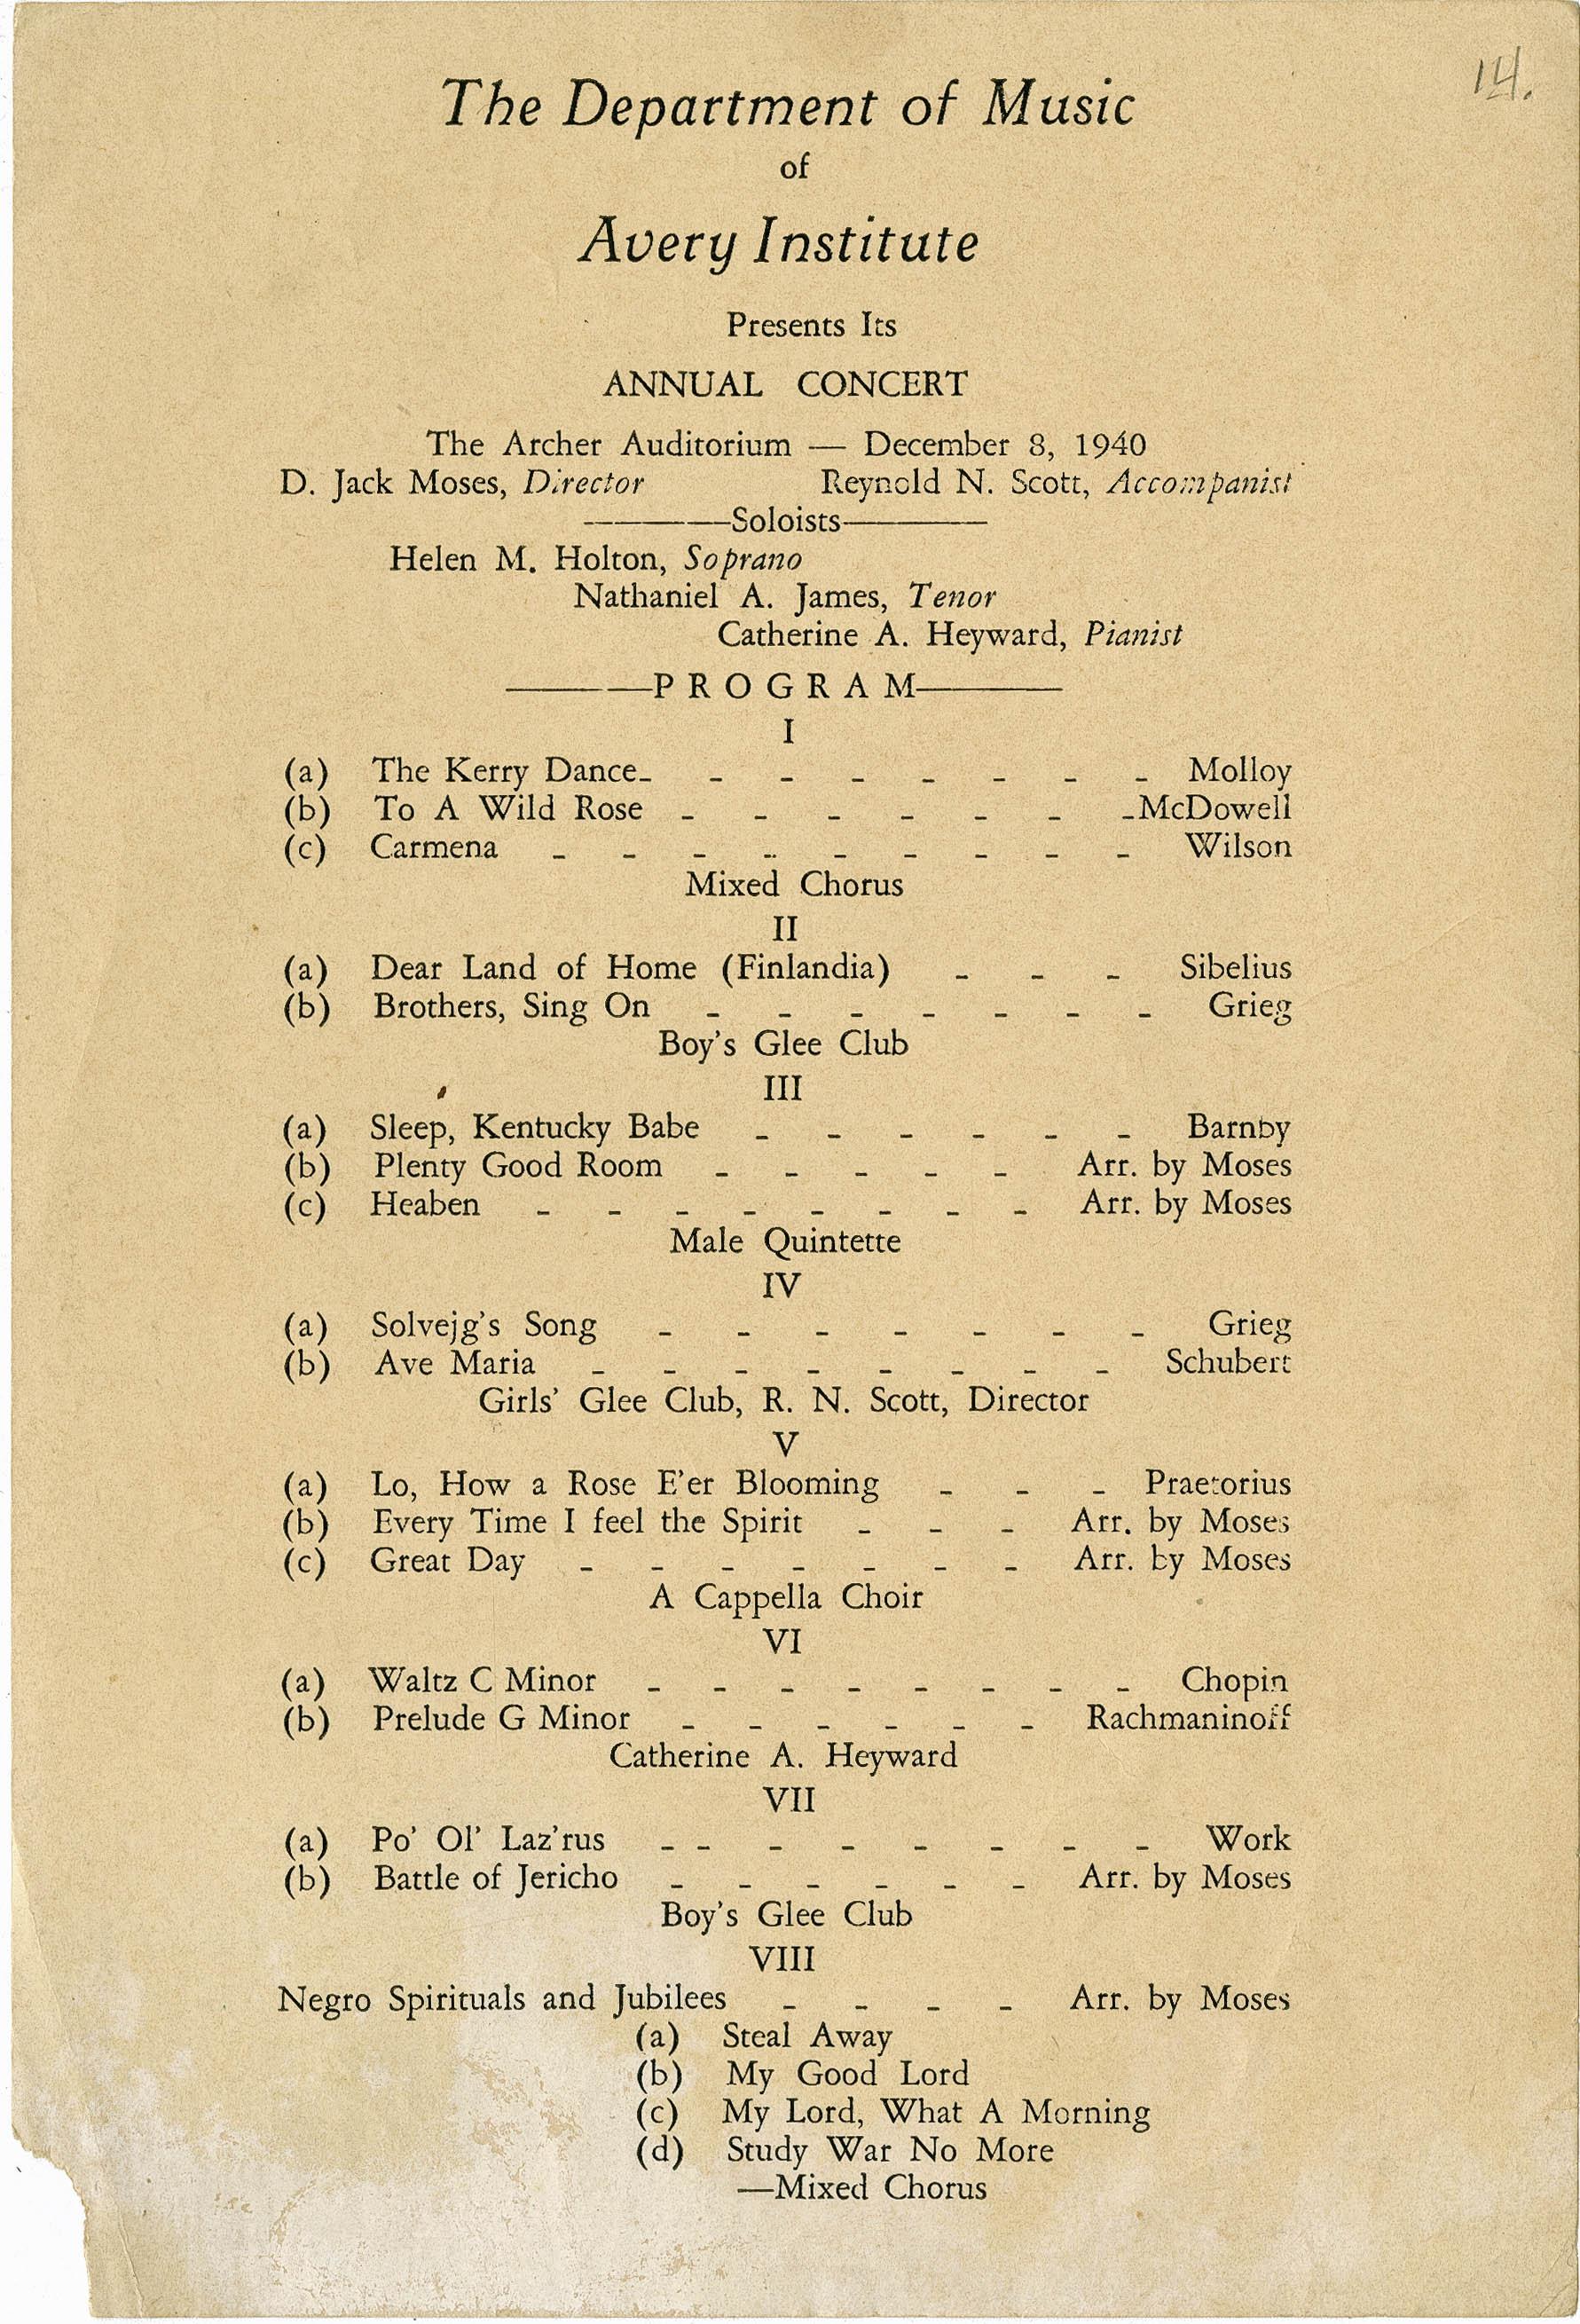 Program for Annual Concert